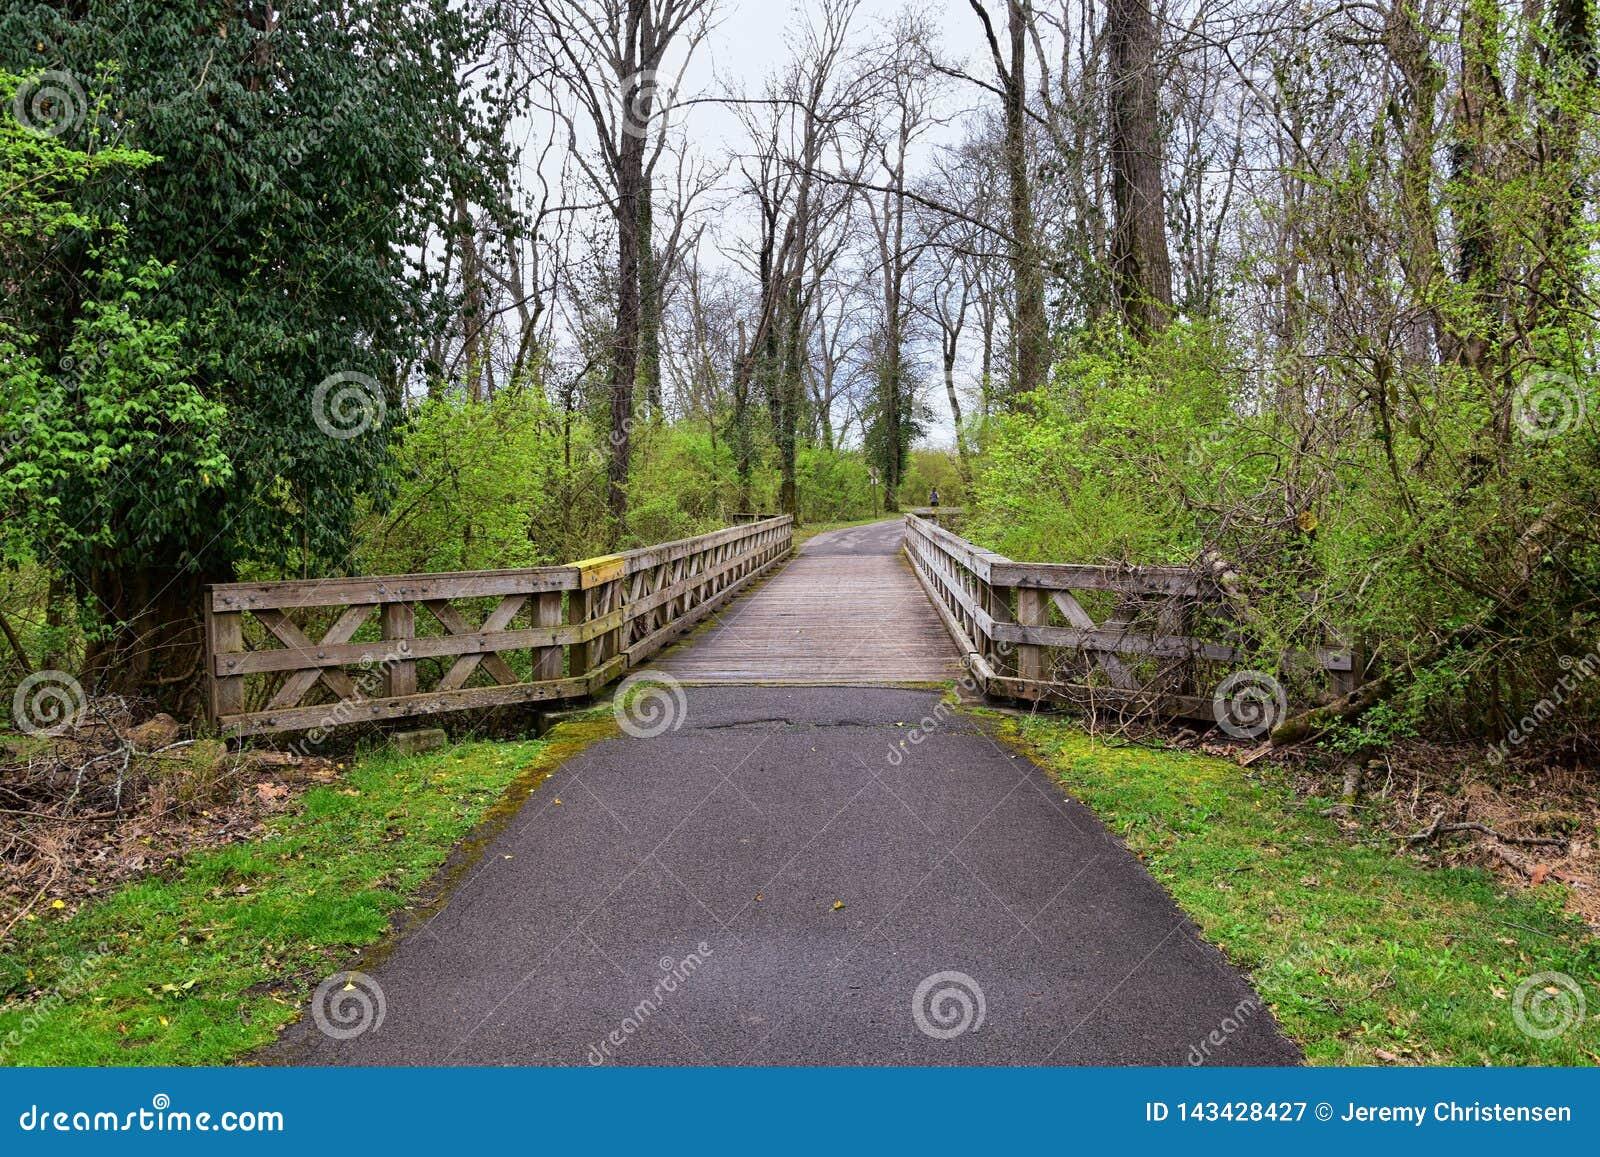 Vistas de puentes y de caminos a lo largo de Shelby Bottoms Greenway y de los rastros naturales del ataque frontal del r?o Cumber